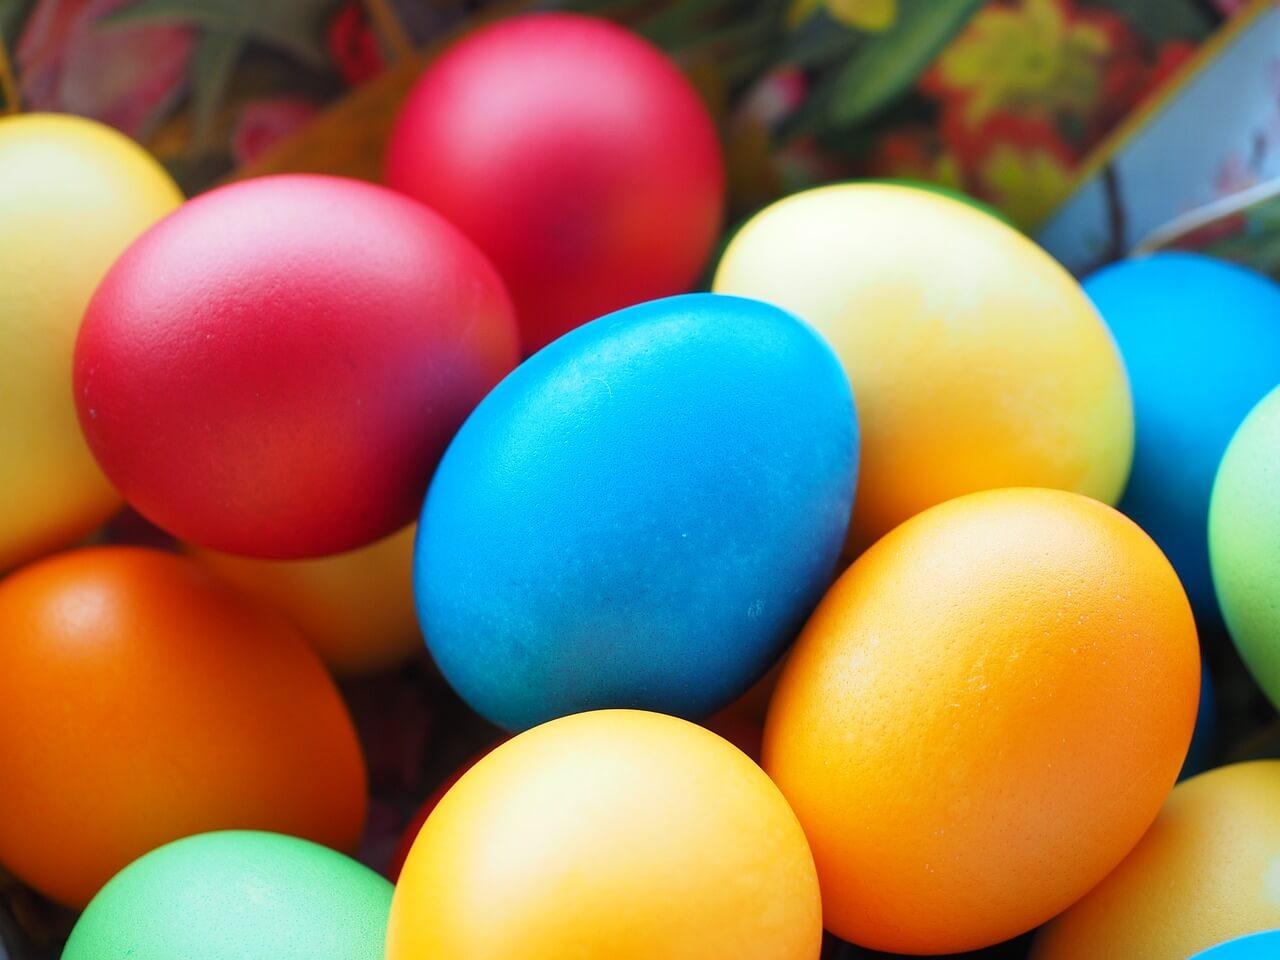 Kiedy jest Wielkanoc 2020? Przygotuj się na nadchodzące święta!